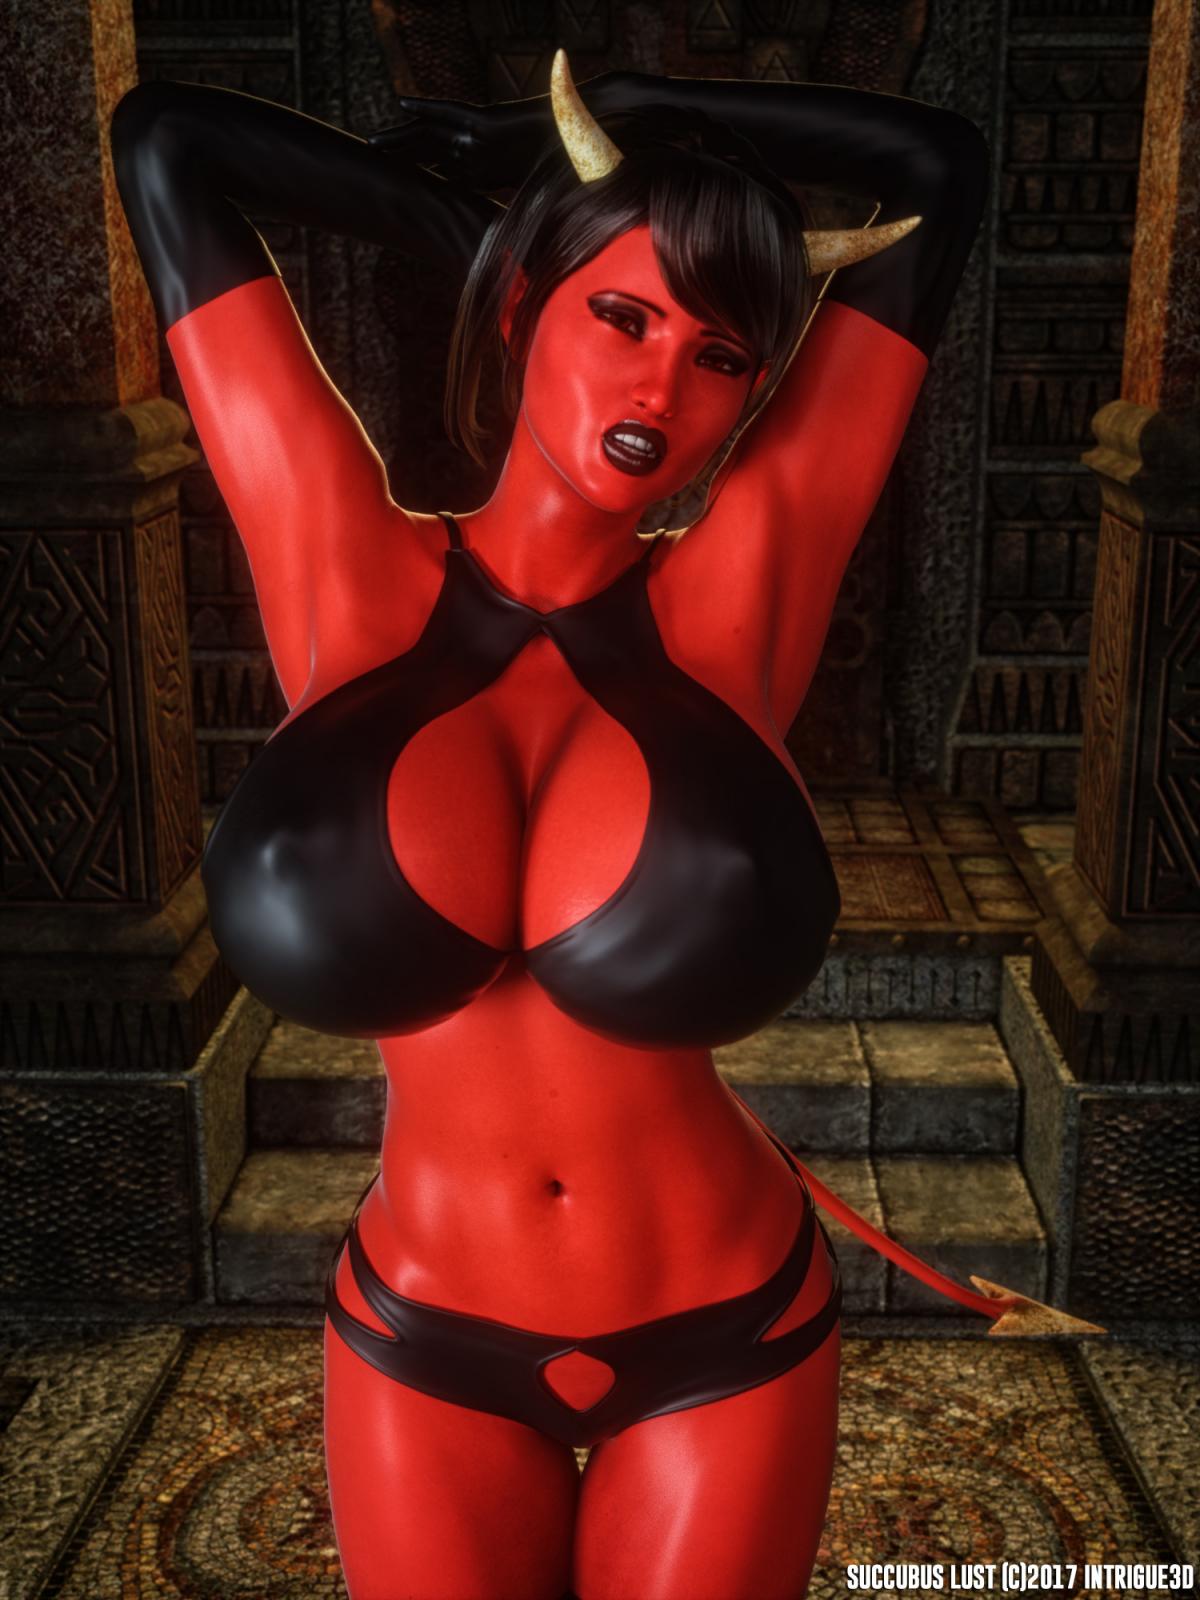 Hình ảnh 25797330147_8033937d3c_o trong bài viết Succubus Lust